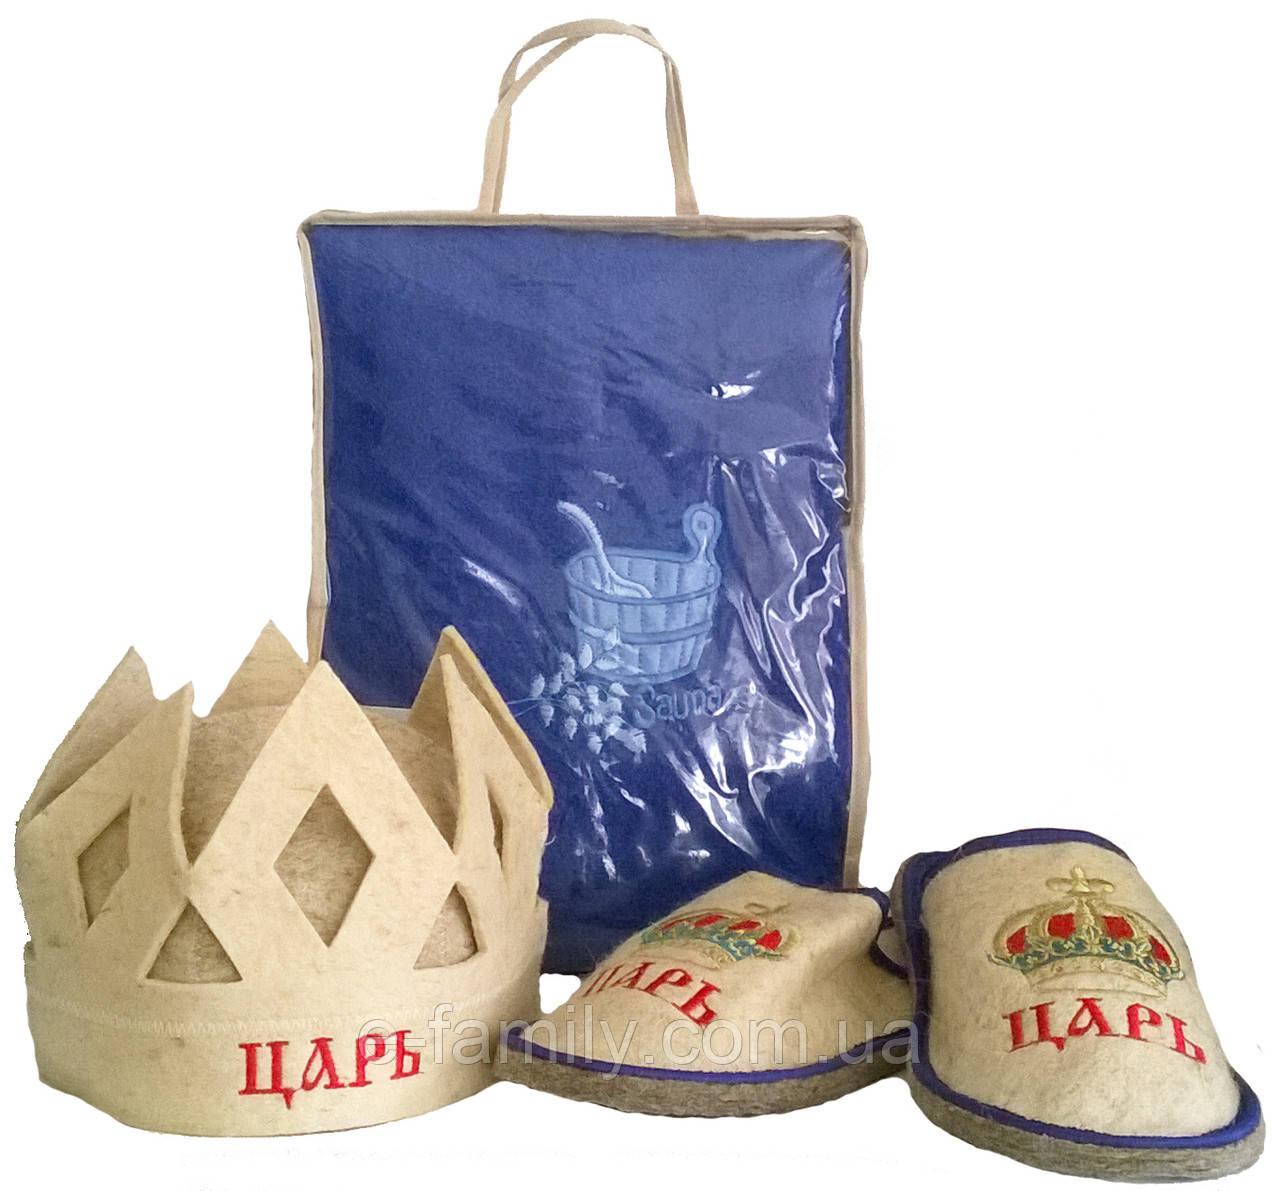 603ed74bbf4d Набор для бани и сауны мужской Царь корона (парео, тапочки, шапочка ...